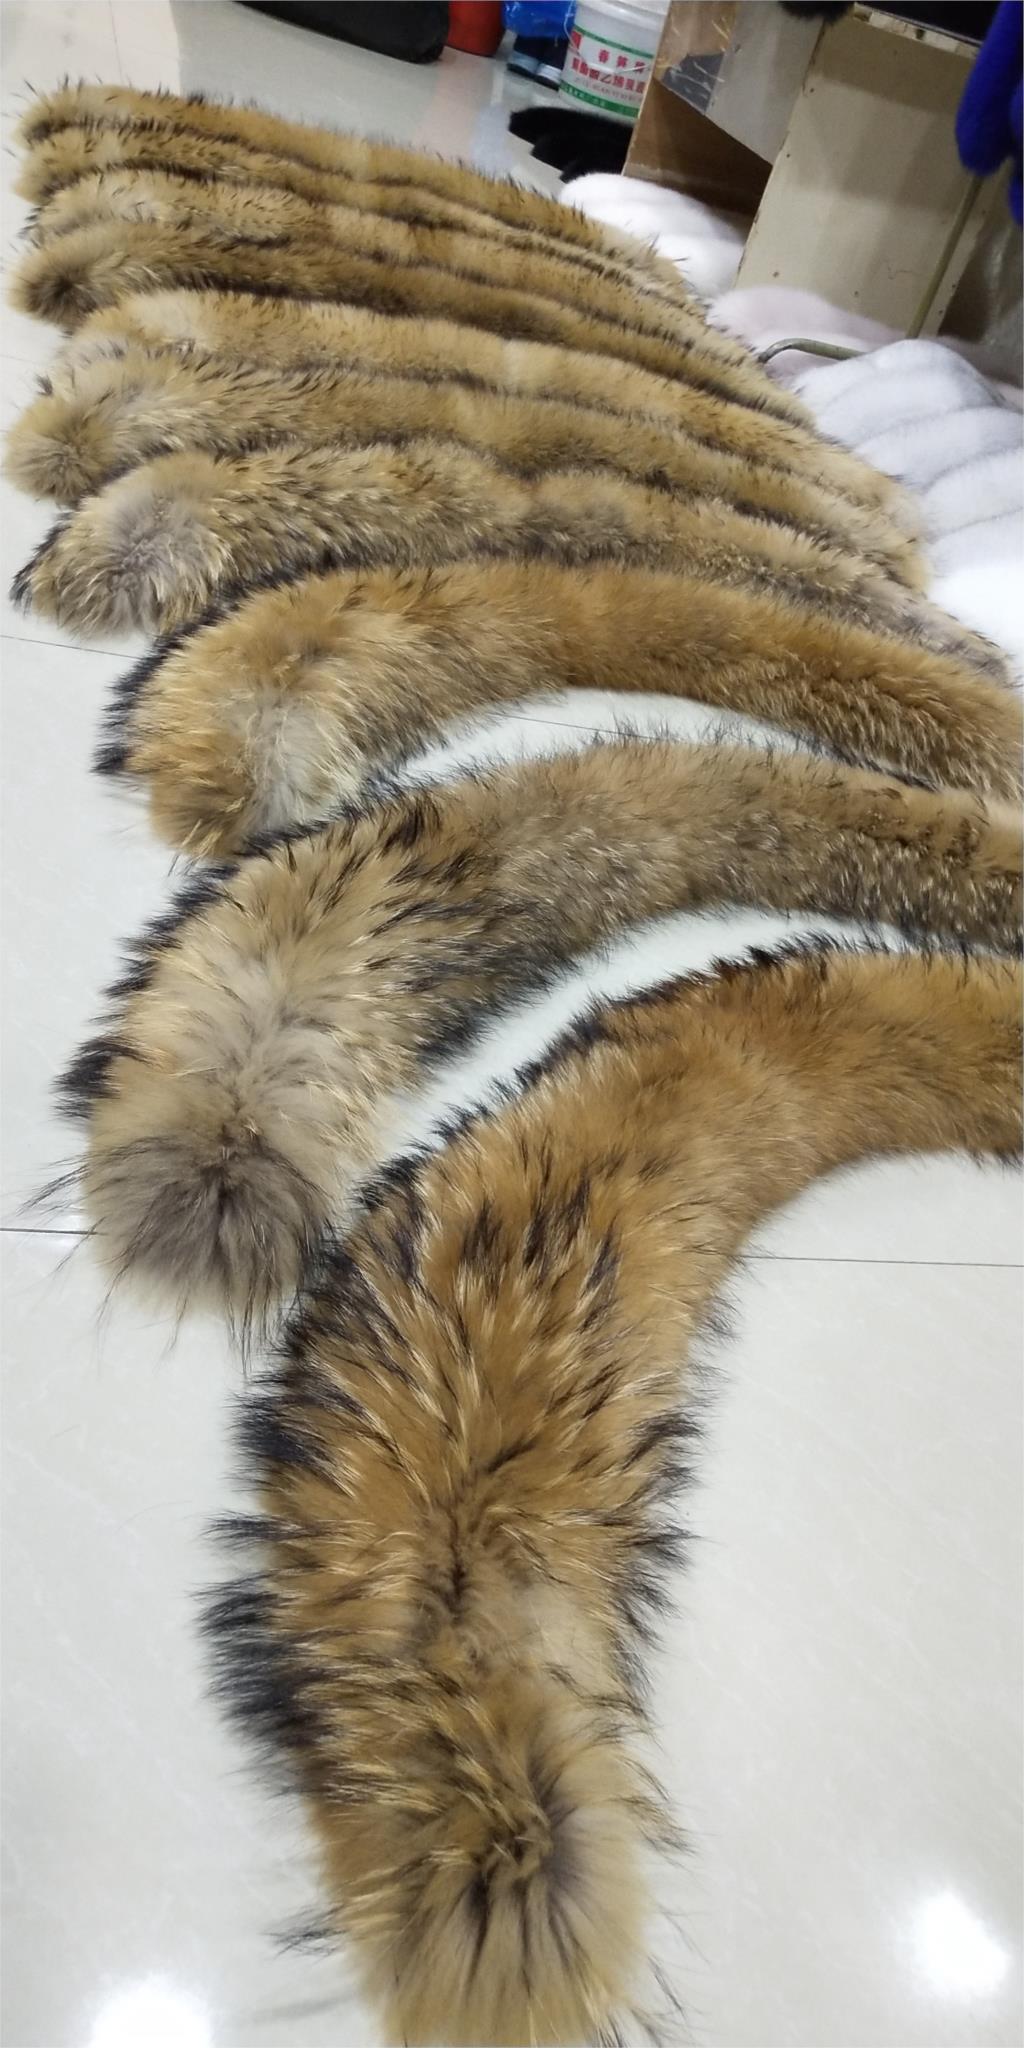 ZDFURS * Zimski 100% pravi naravni rakunast krzneni ovratnik ženski - Oblačilni dodatki - Fotografija 4